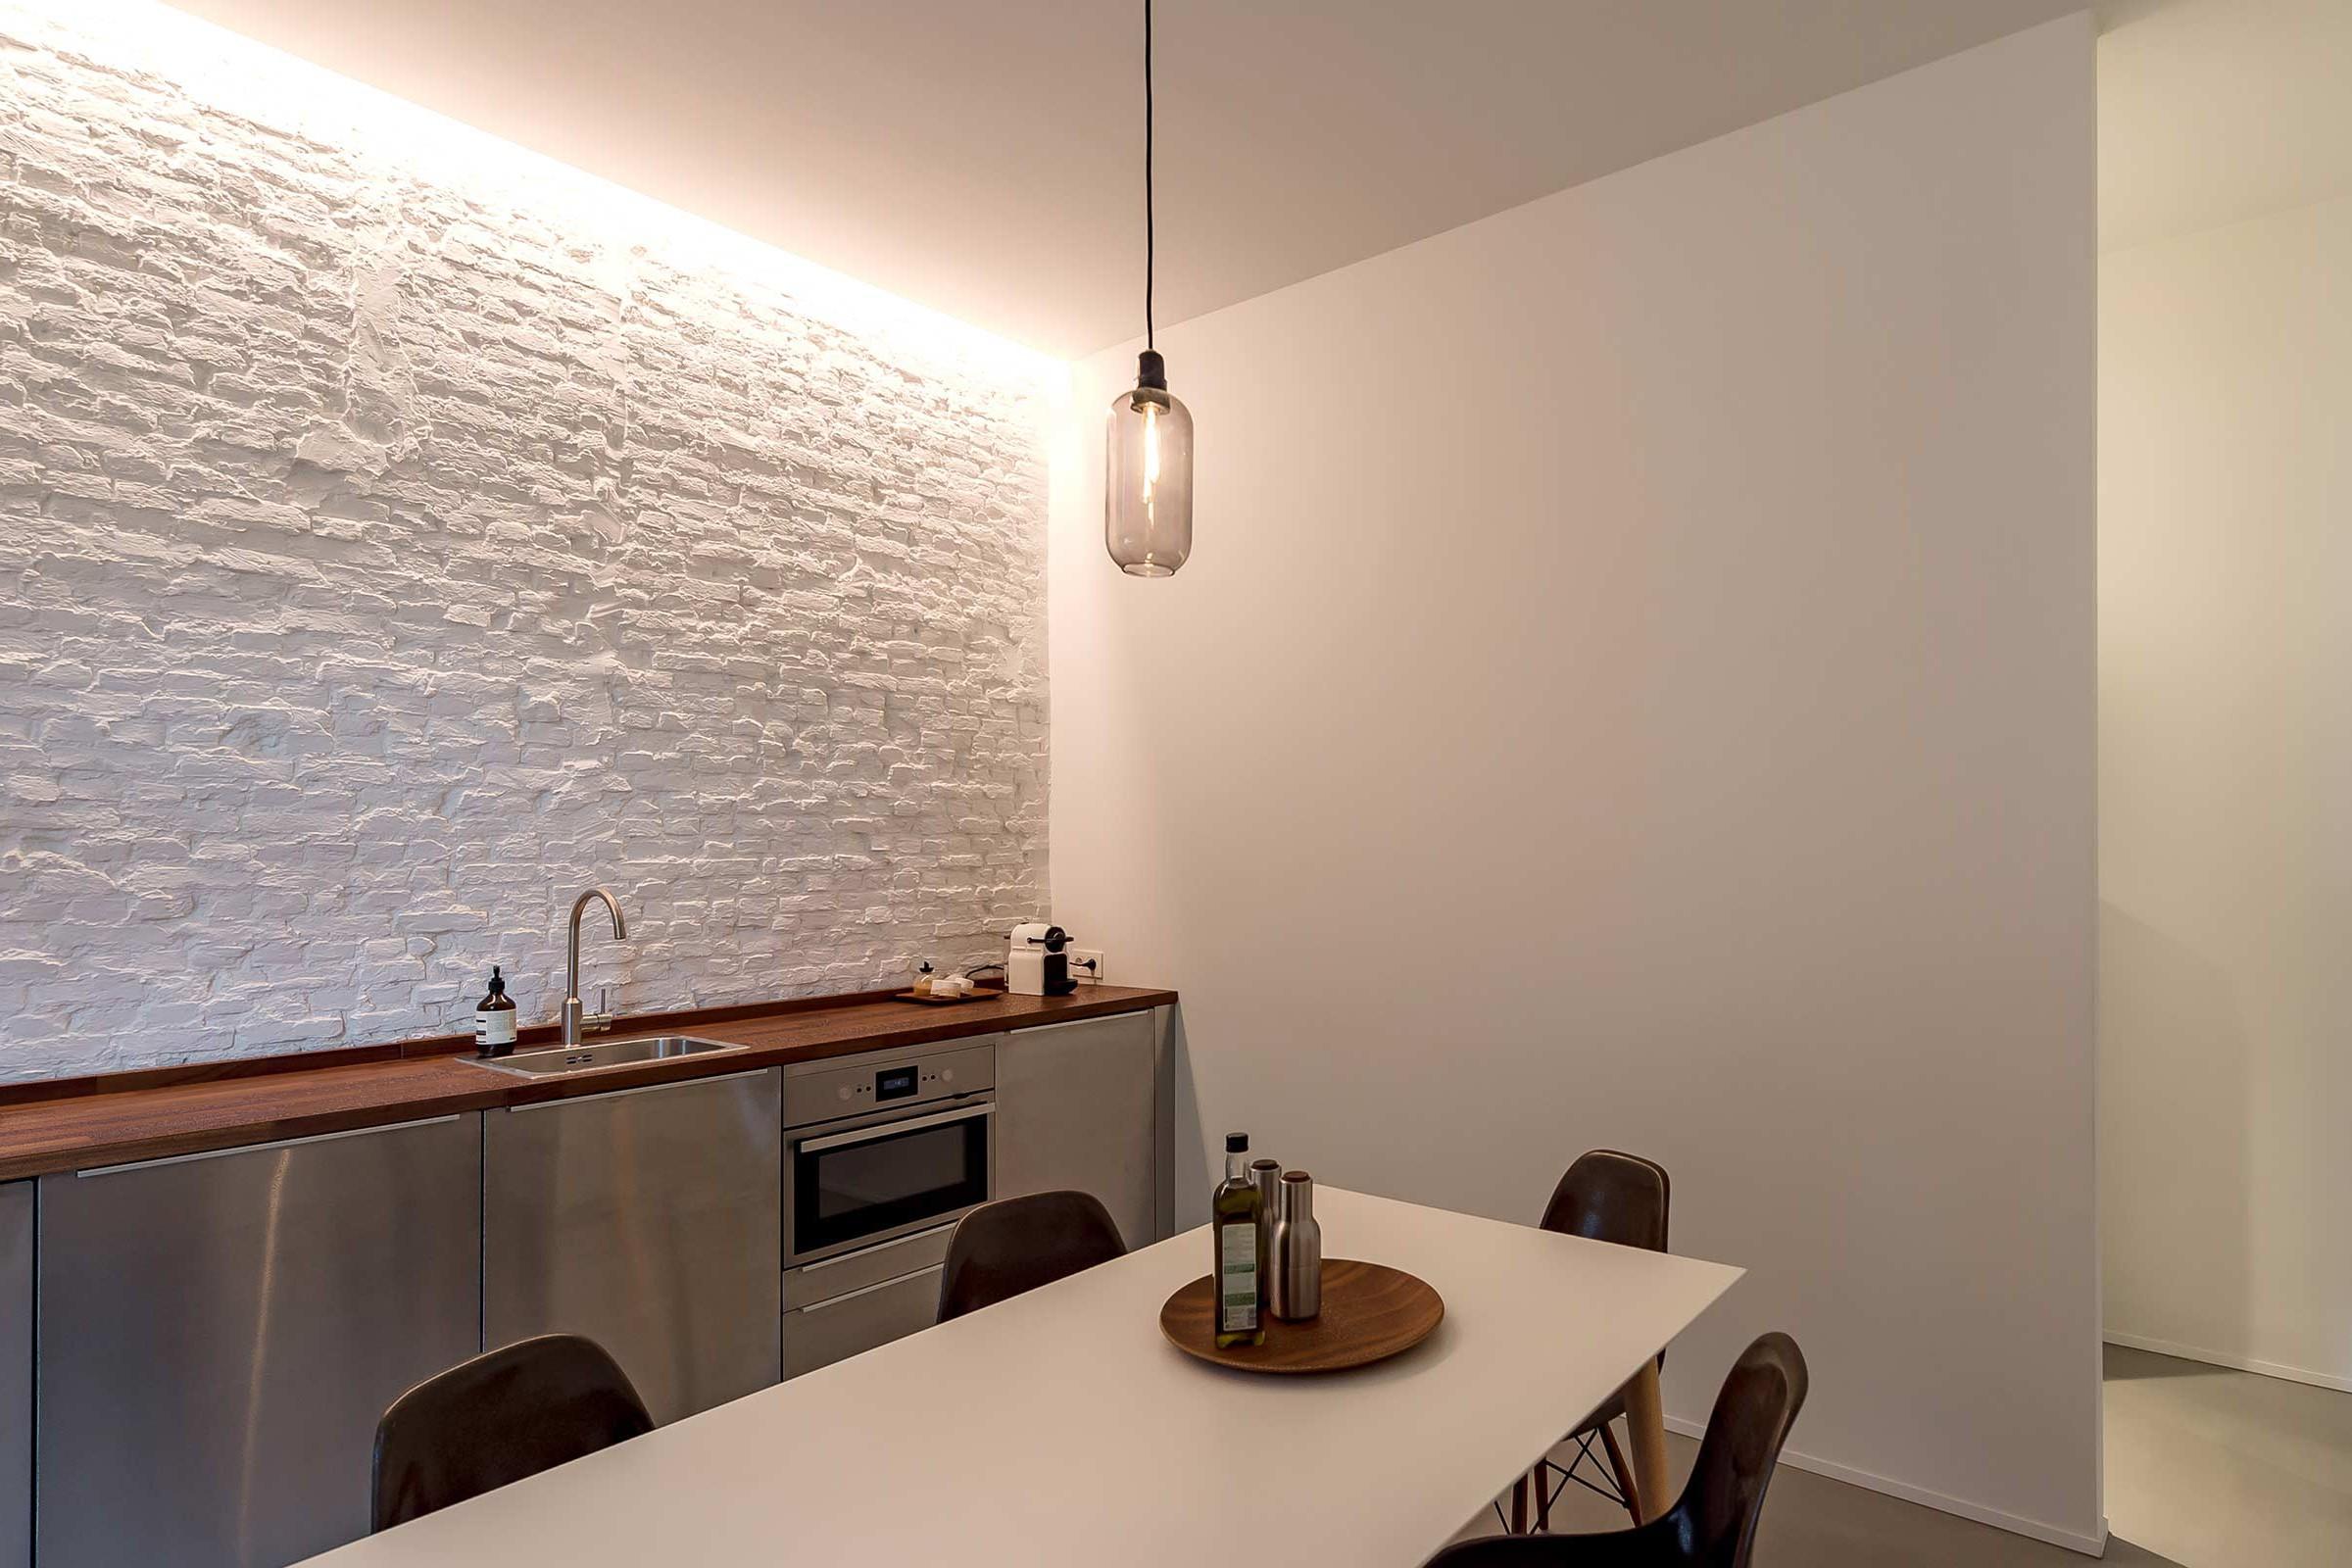 Studio Tolleneer - Office Antwerpen - Rijkswachtkazerne - Eames fiberglass chairs - glasvezel stoelen